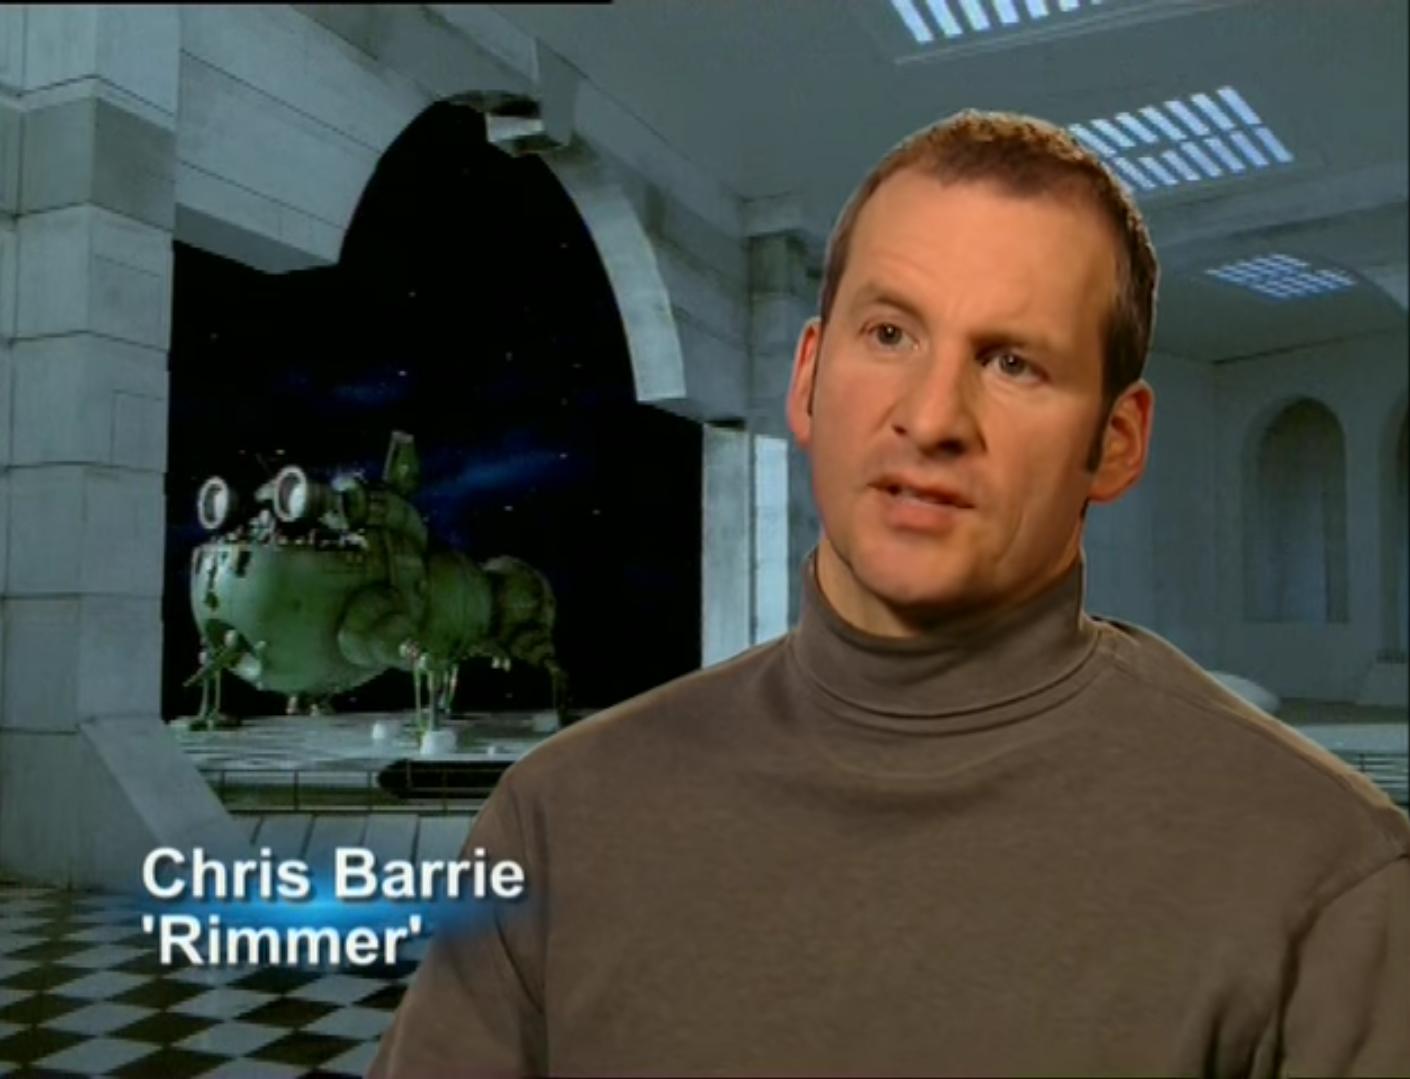 Chris Barrie